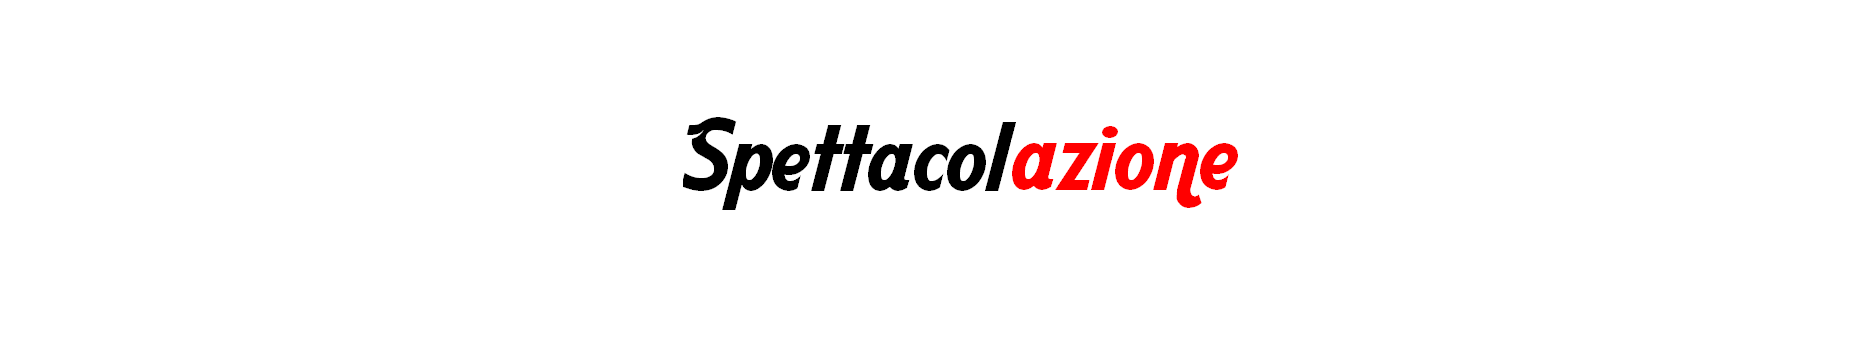 associazione Spettacolazione logo